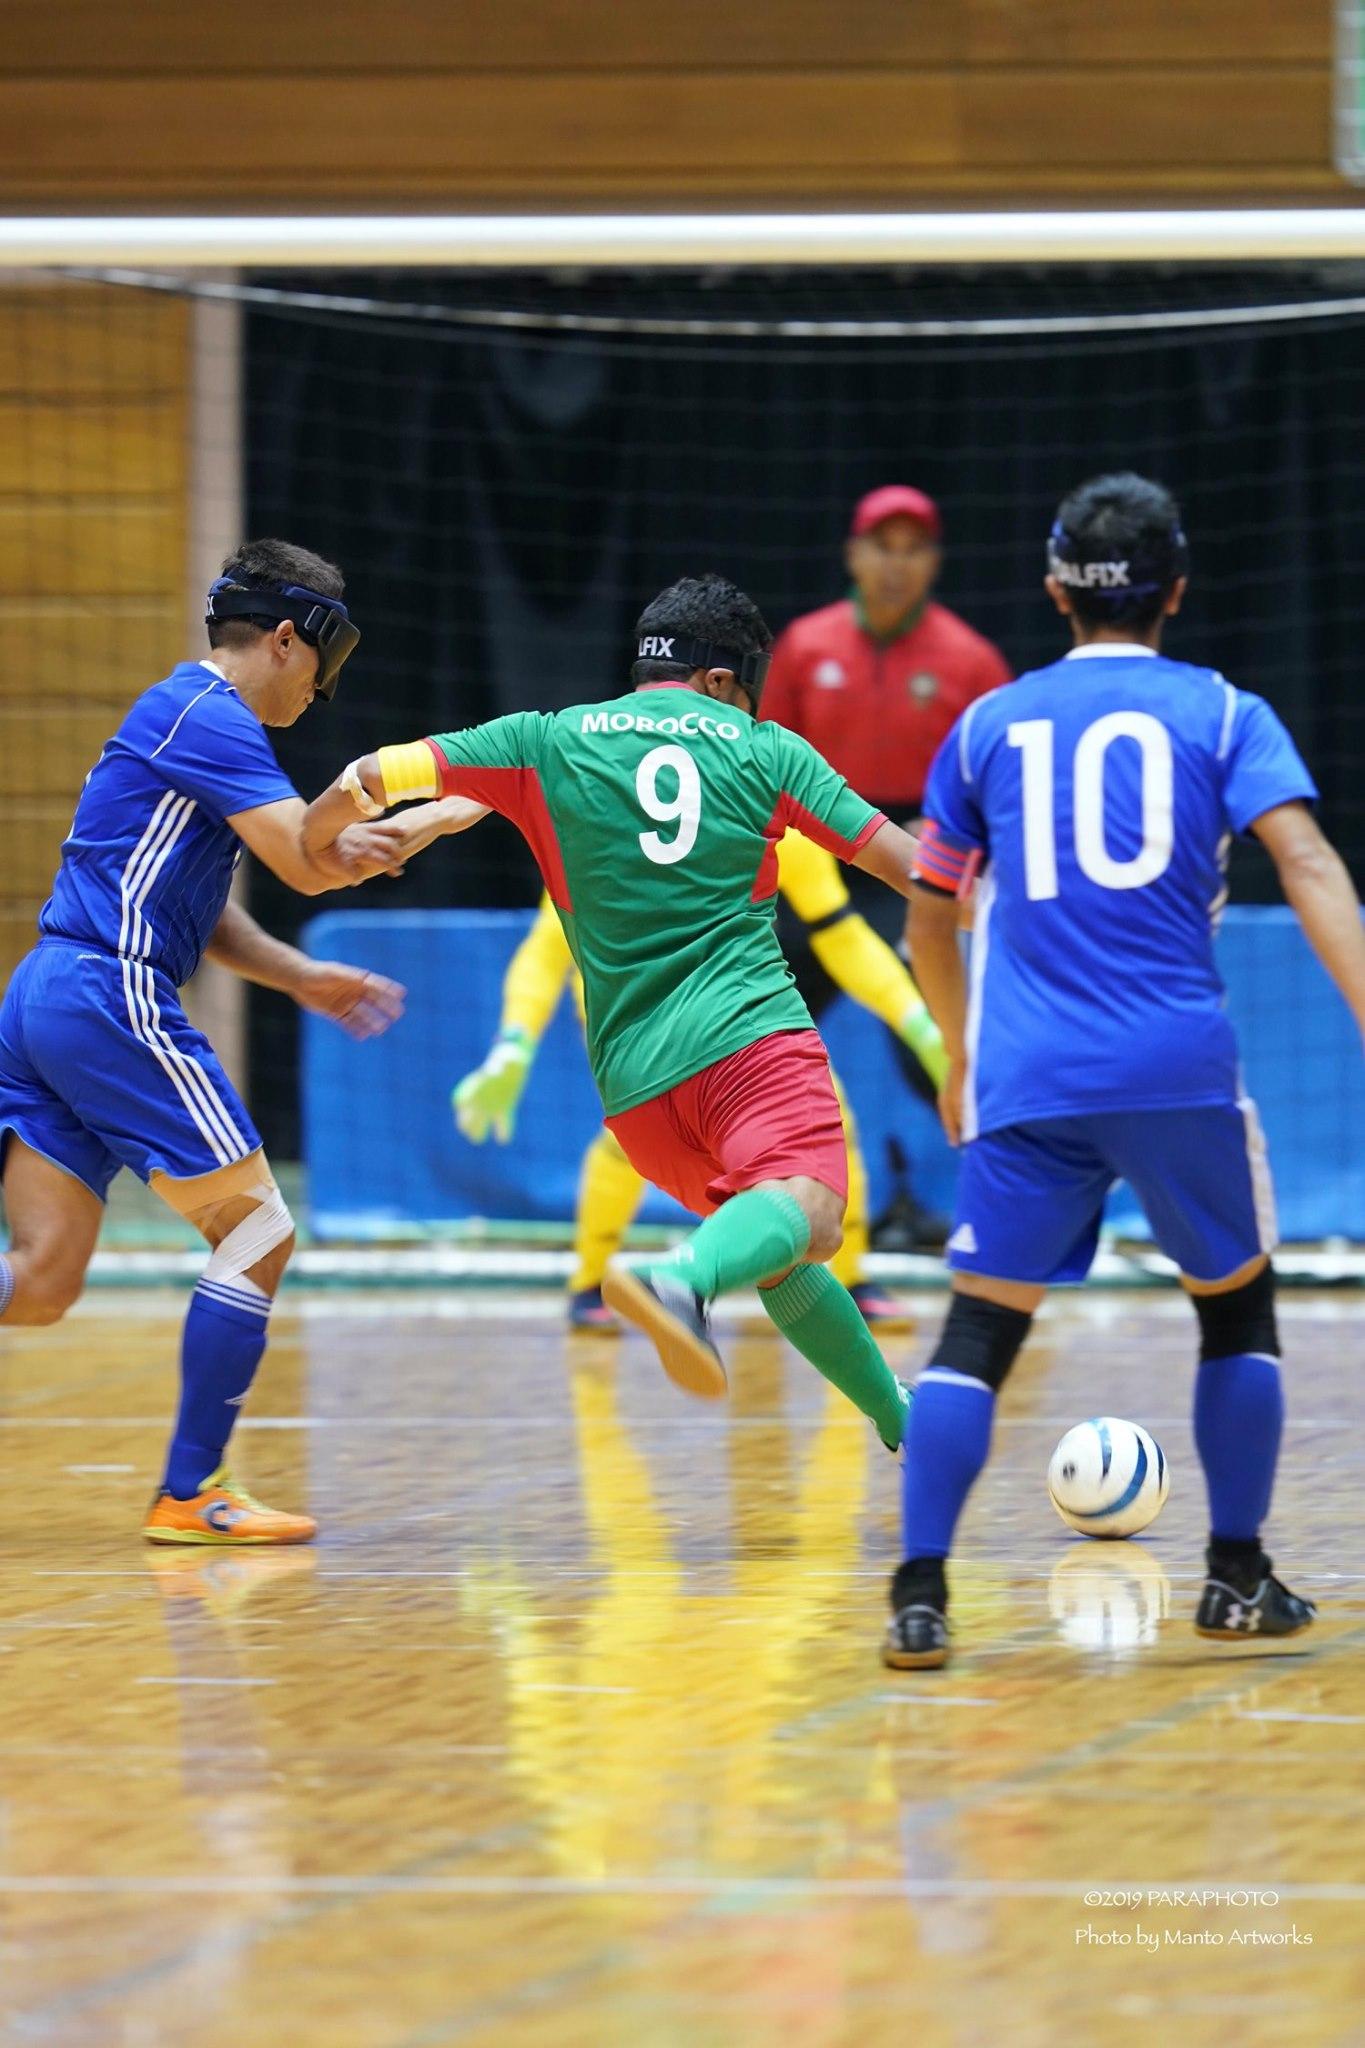 ブラインドサッカーのカラー写真